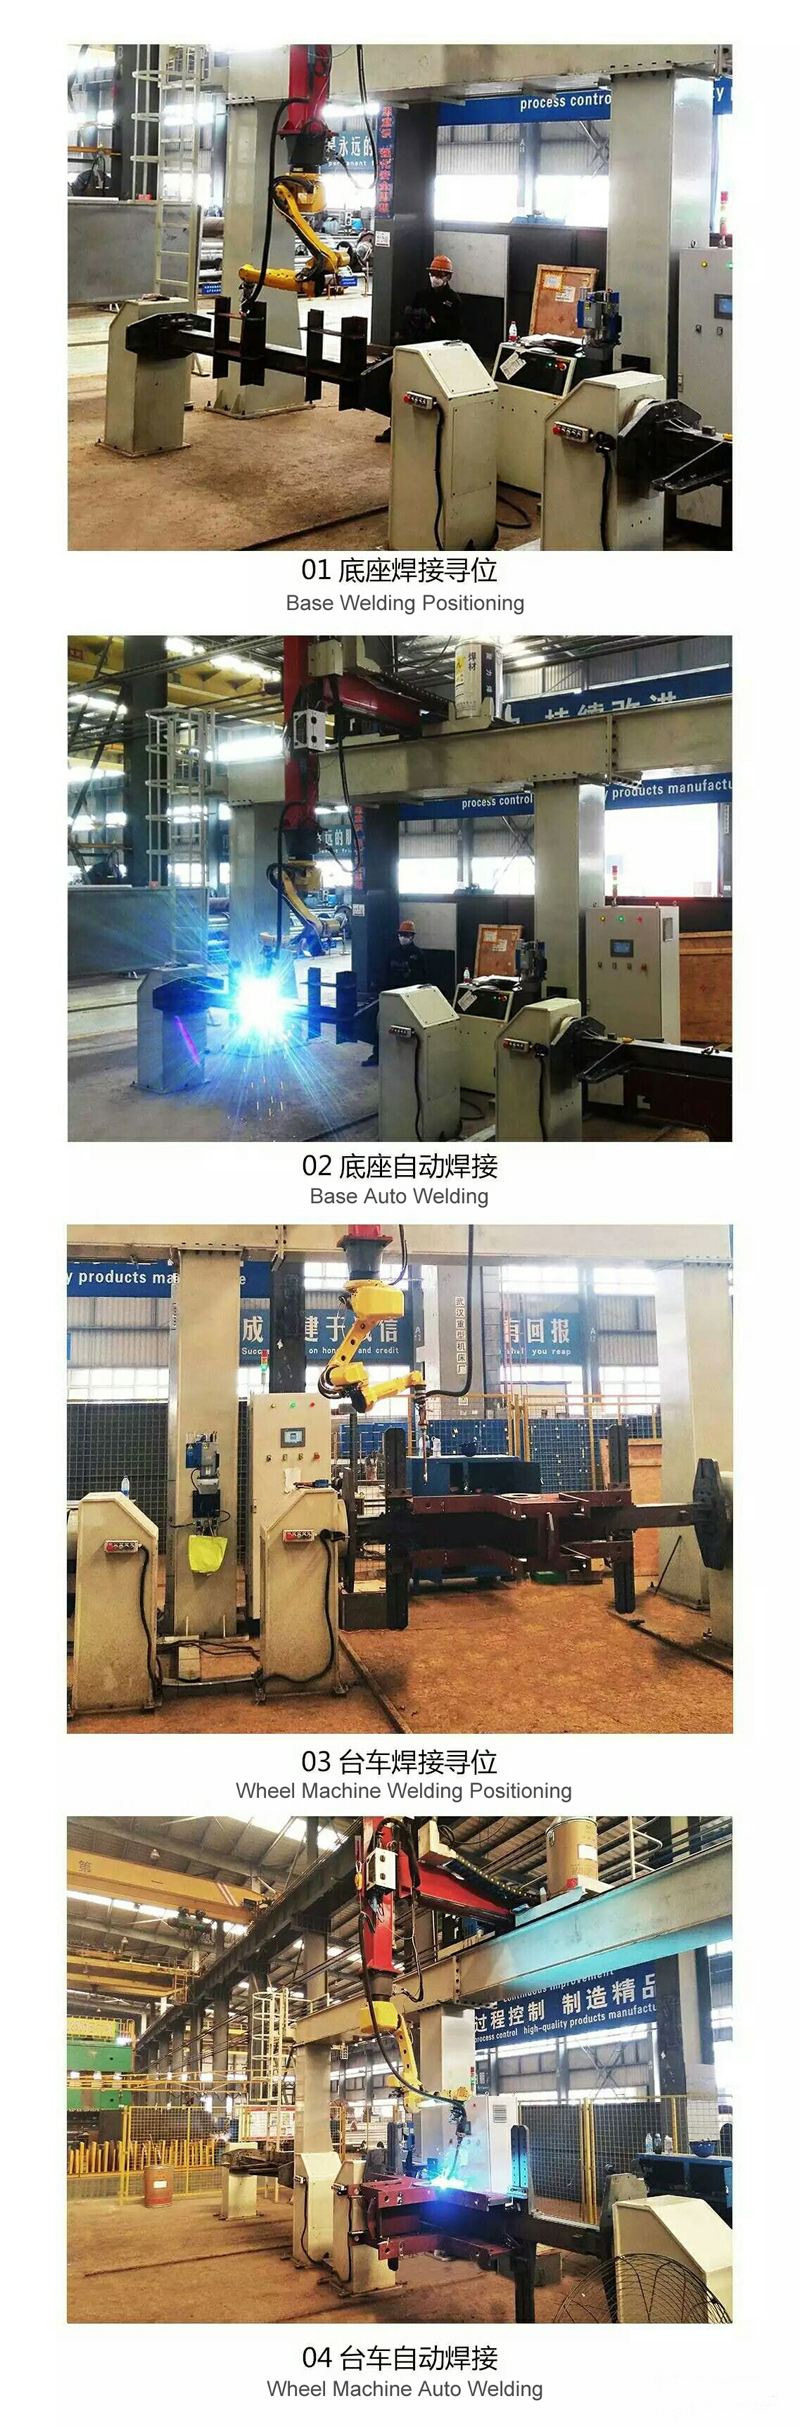 crane-welding-robot